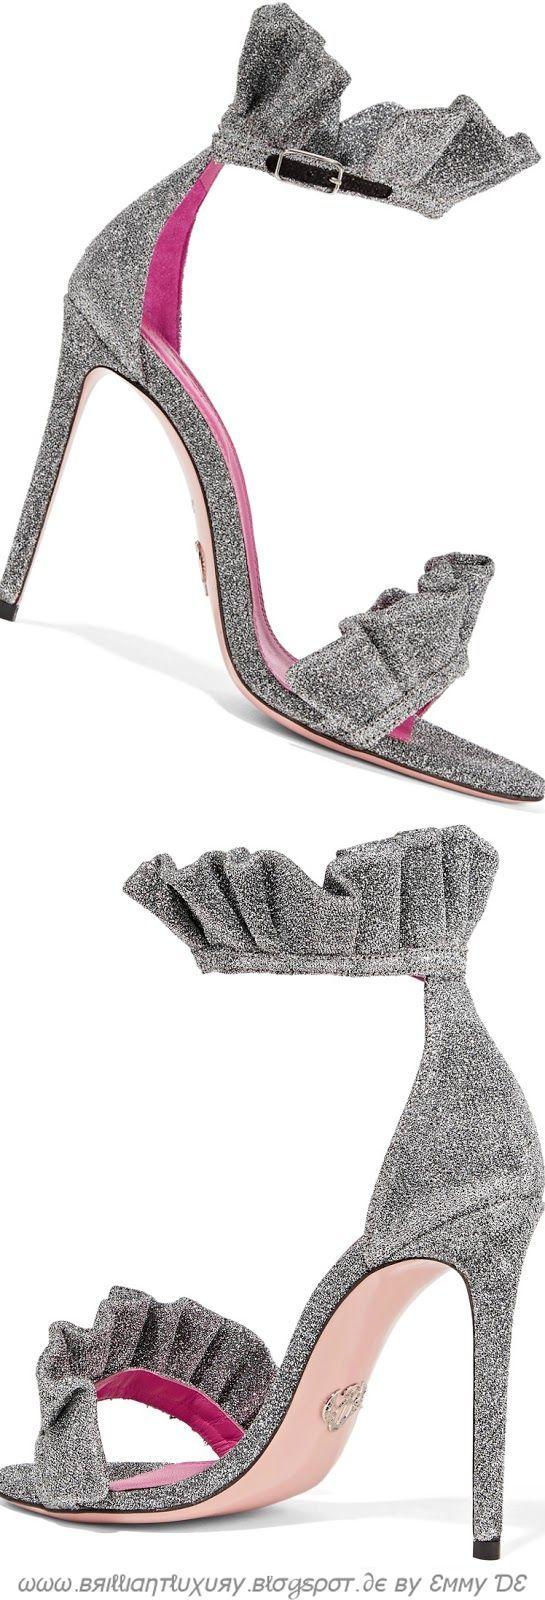 cool Brilliant Luxury by Emmy DE ♦Oscar Tiye 'Ant… Shoe Favs